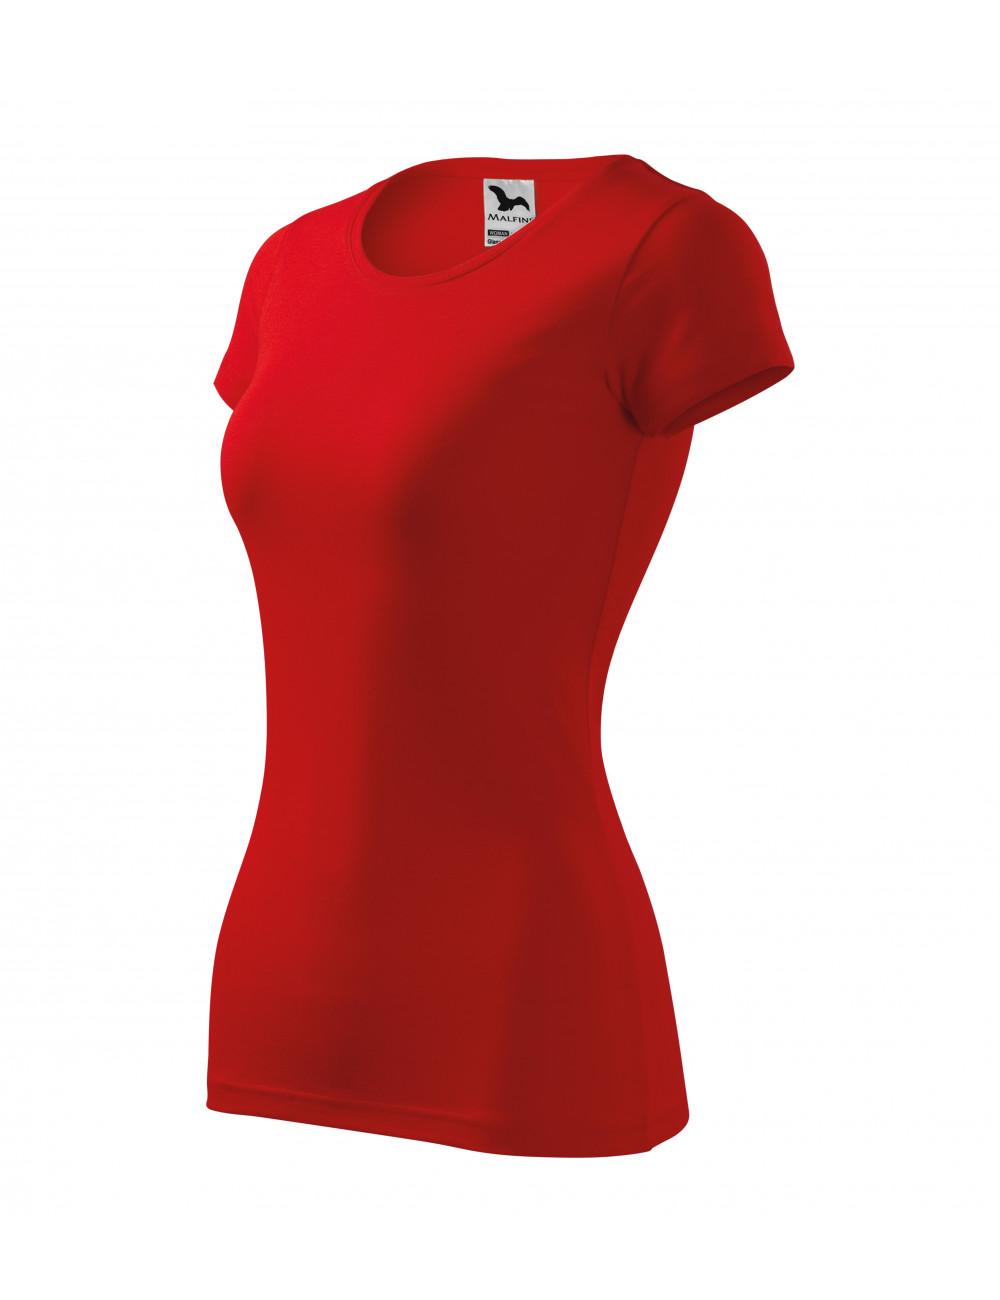 Adler MALFINI Koszulka damska Glance 141 czerwony